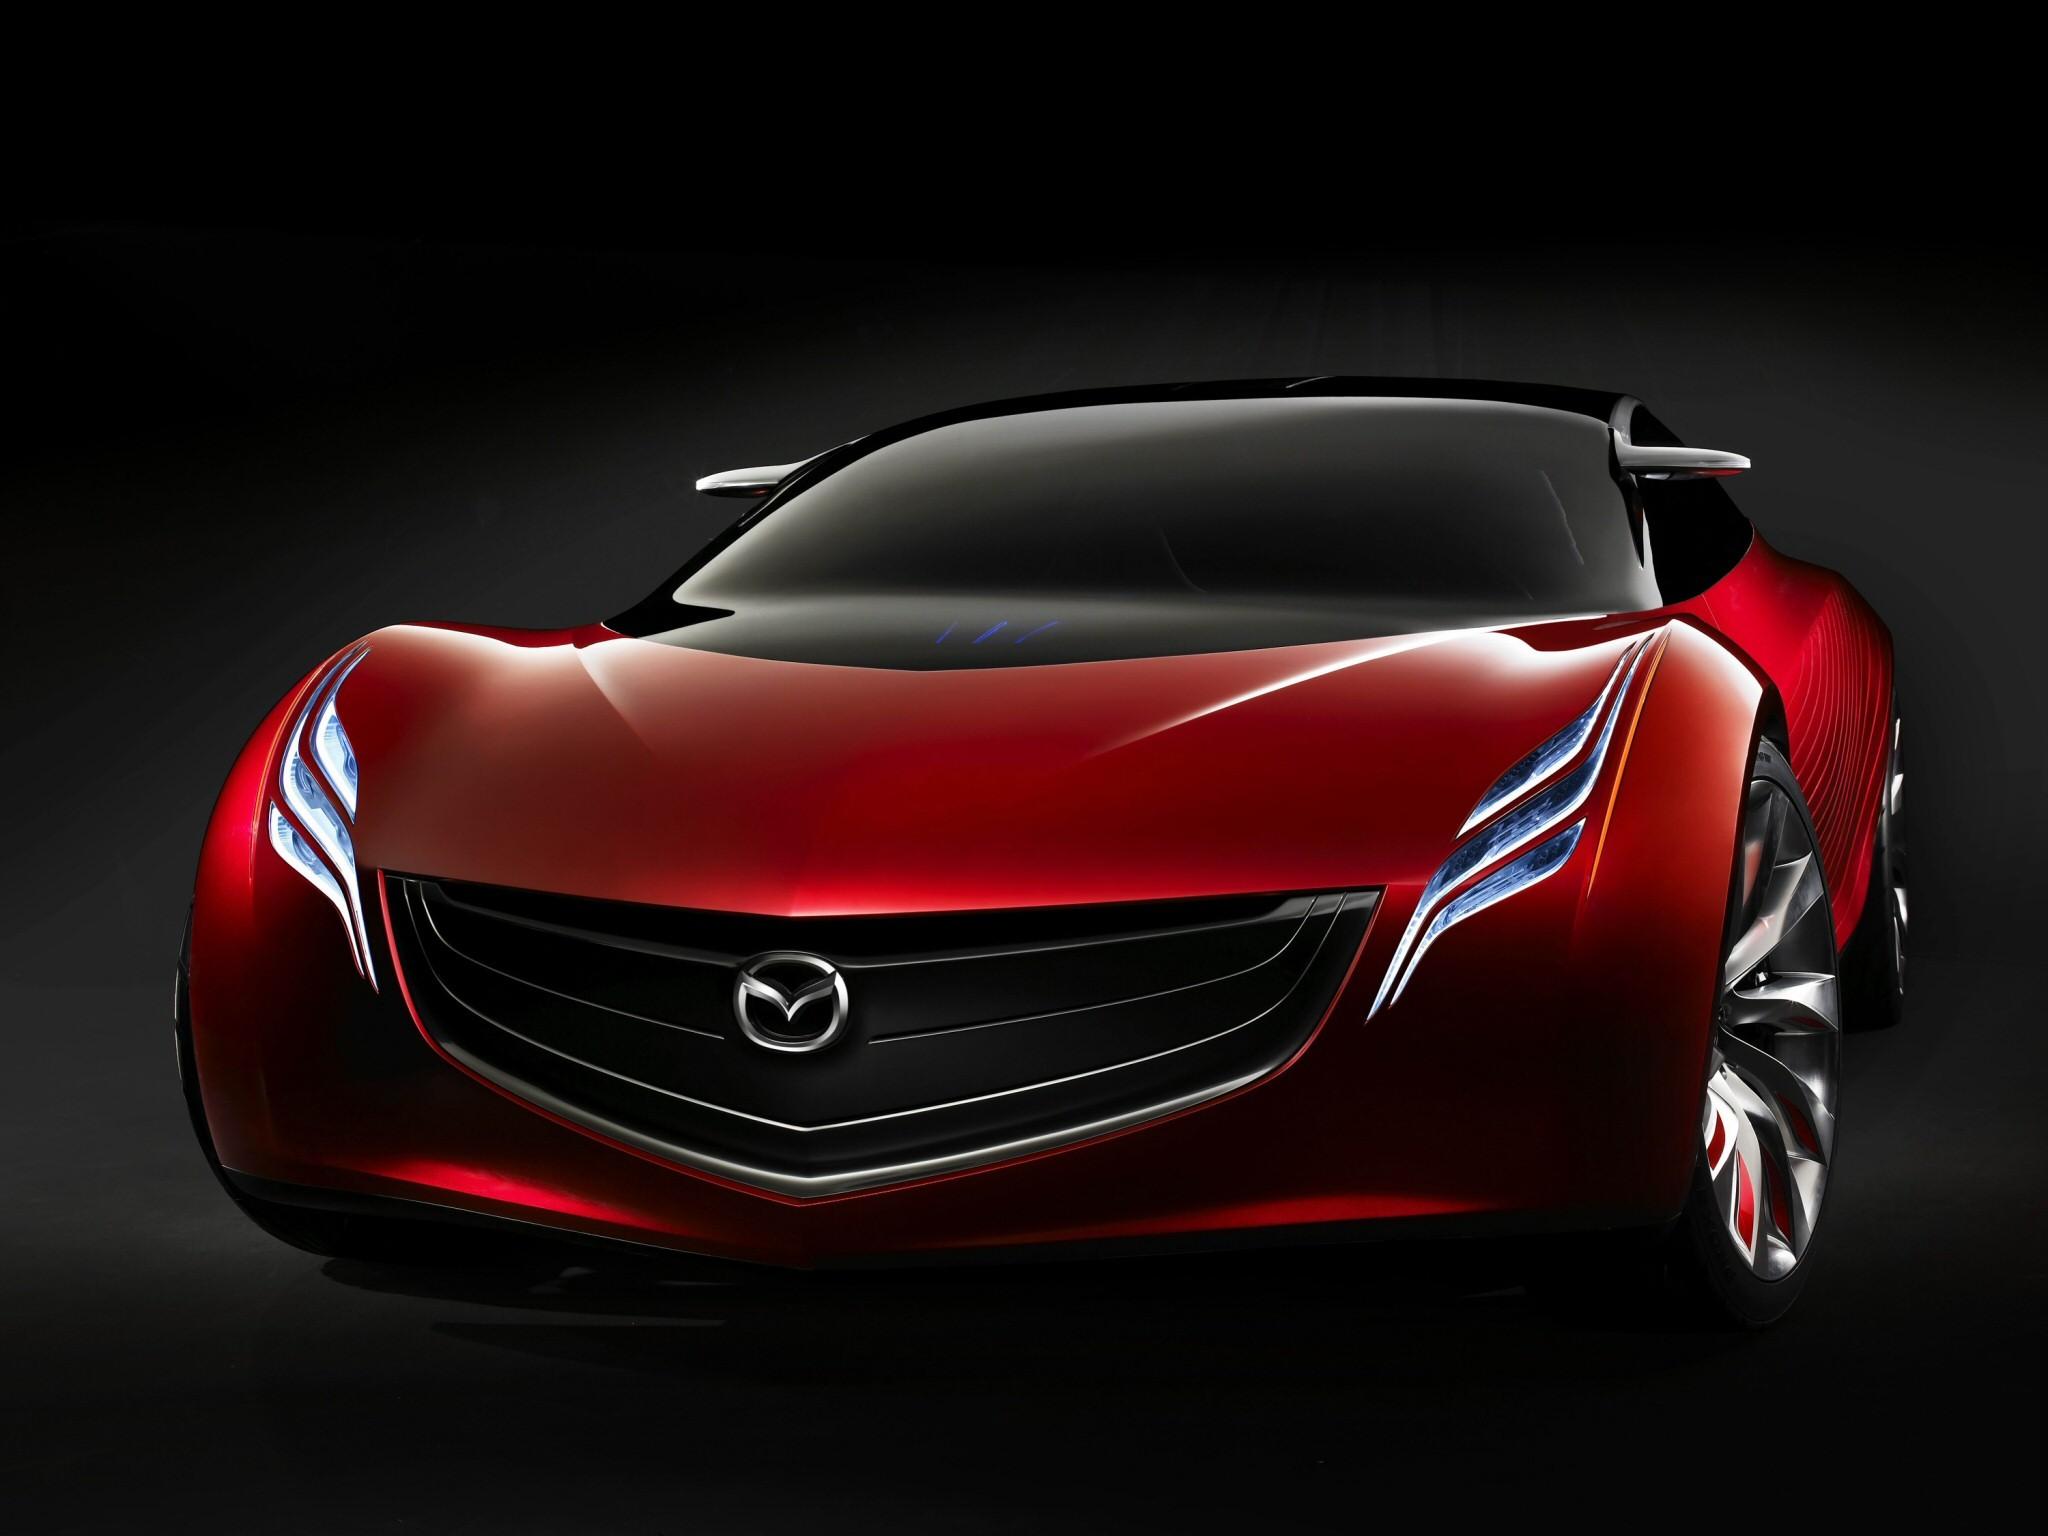 2008 Mazda Ryuga